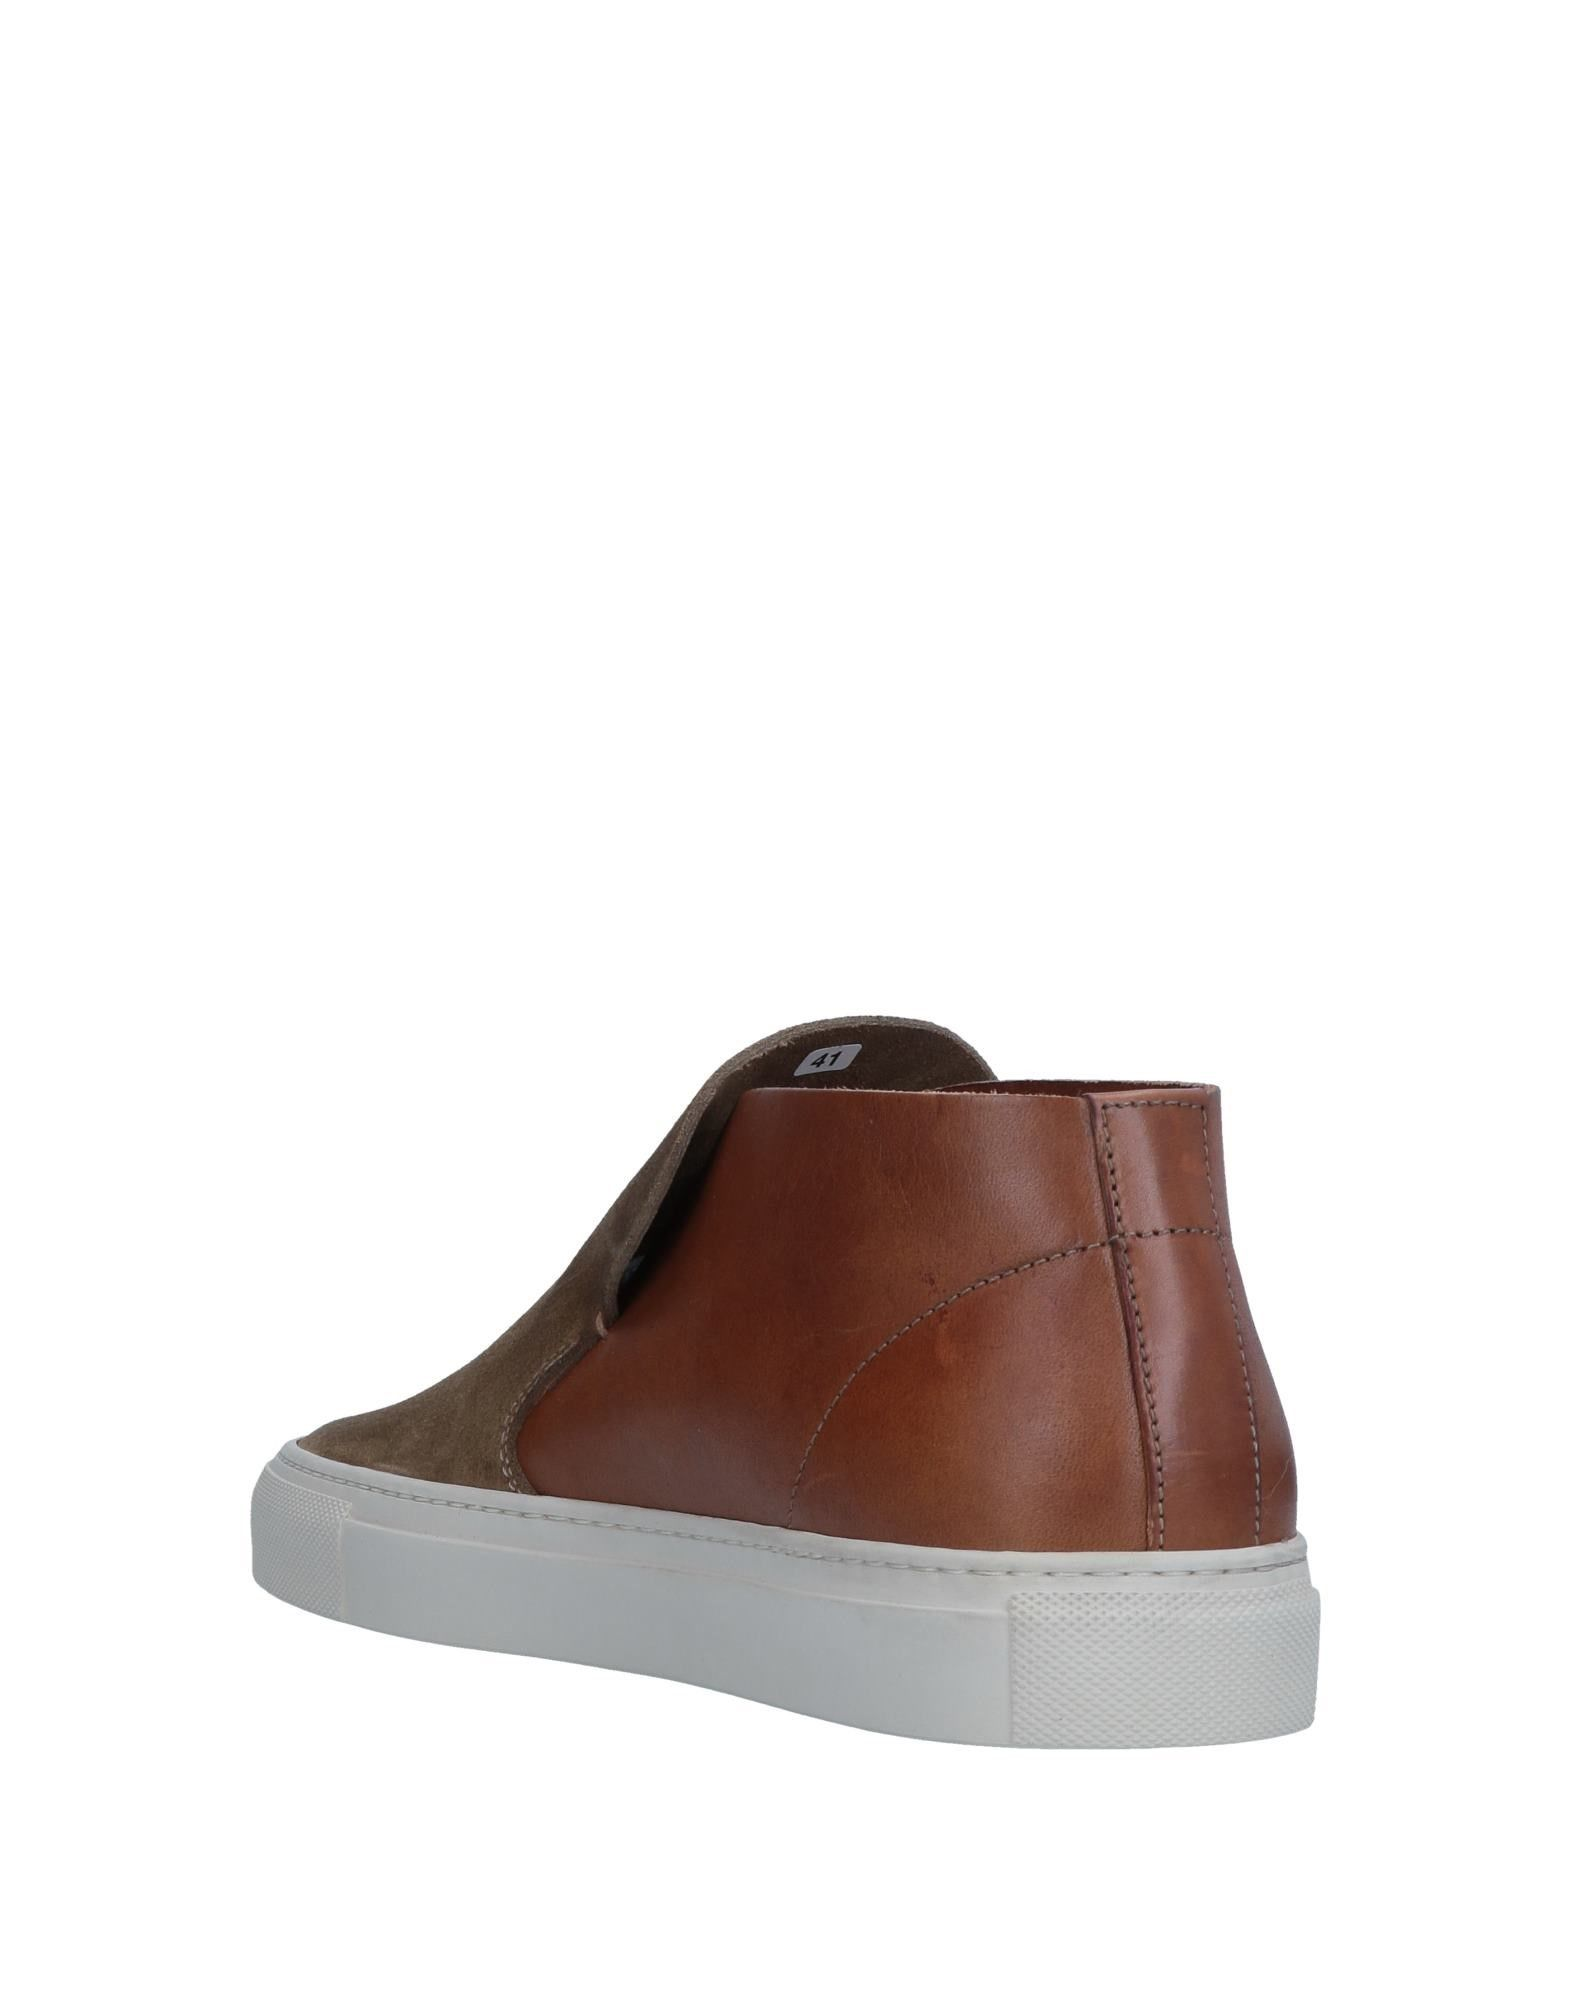 Buttero® Gute Stiefelette Herren  11171851PN Gute Buttero® Qualität beliebte Schuhe 96fef2